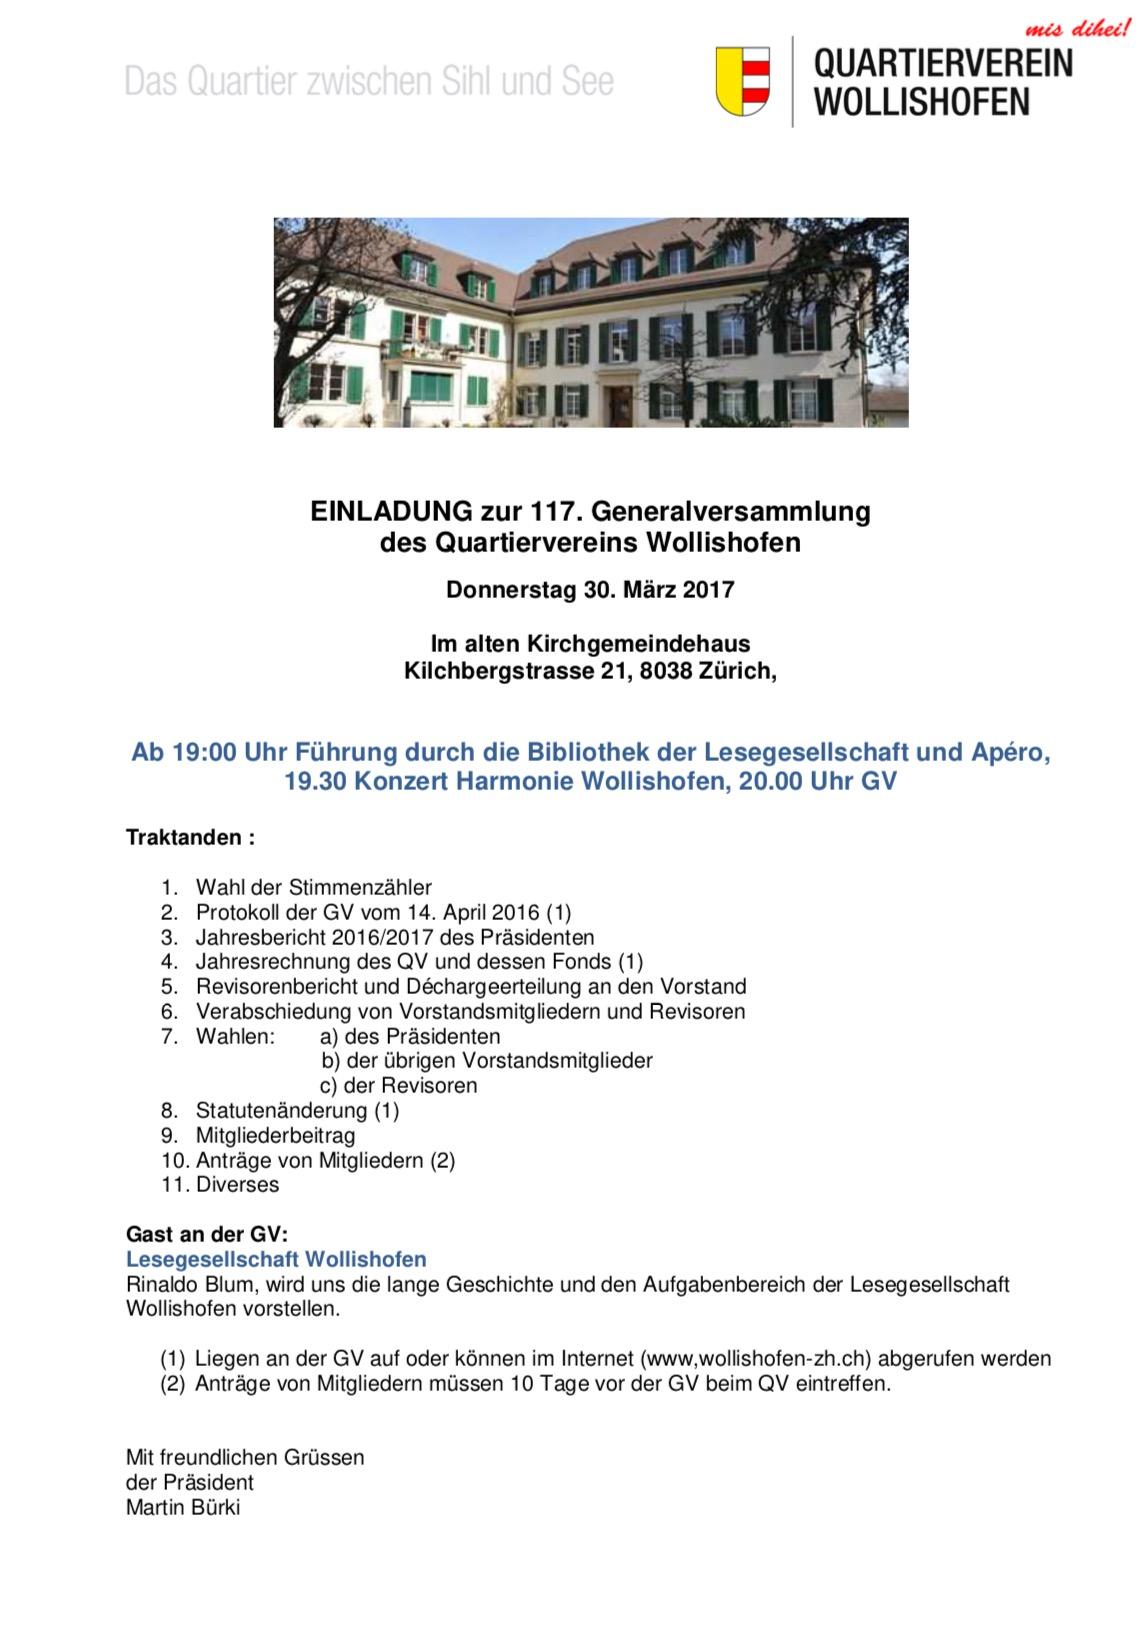 einladung zur 117. generalversammlung des qv wollishofen, Einladung